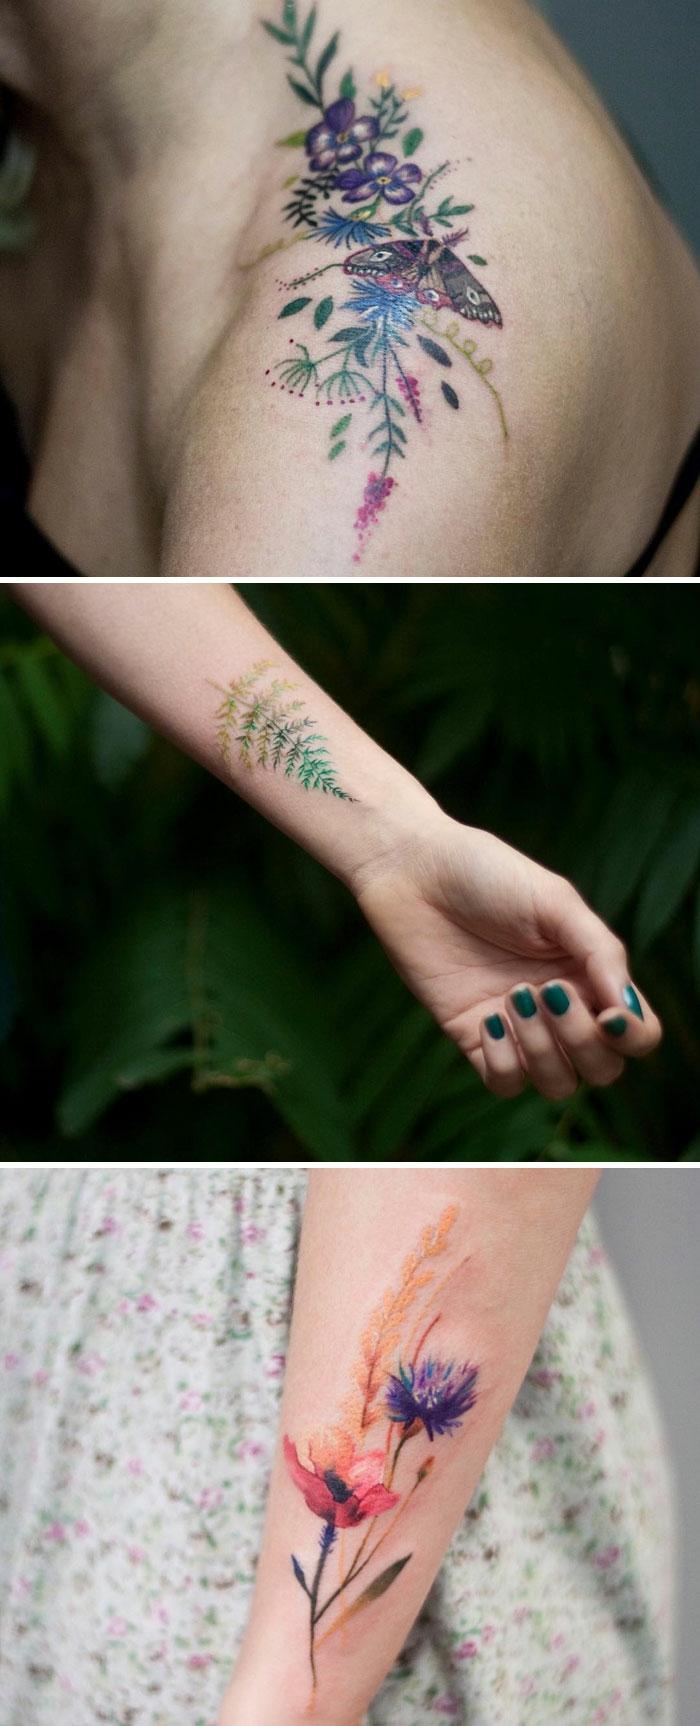 Idée tatouage de fleur tatouage rose sur la main trois tatoos colorés